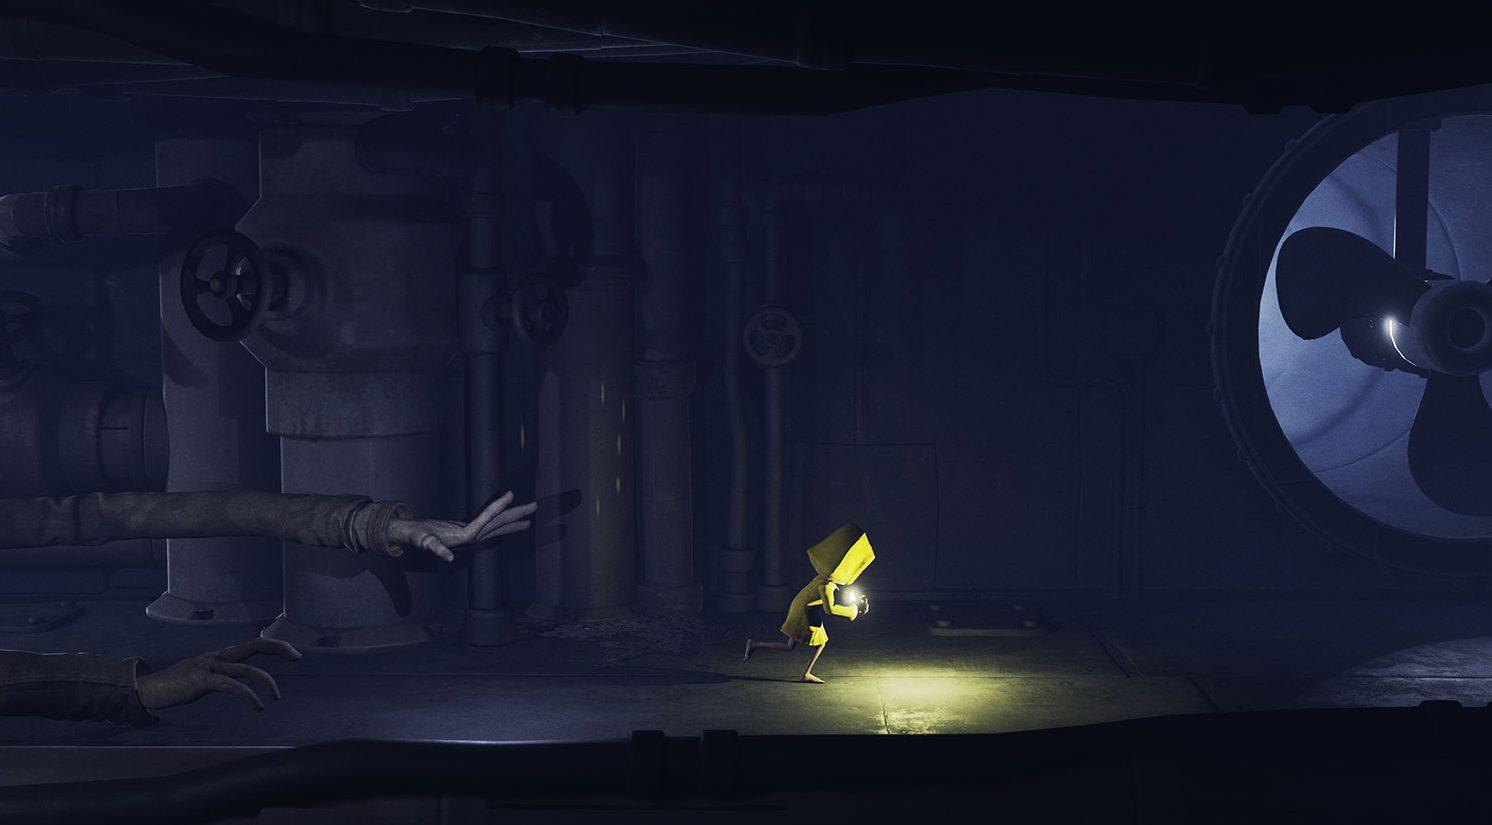 Little Nightmares jeu vidéo